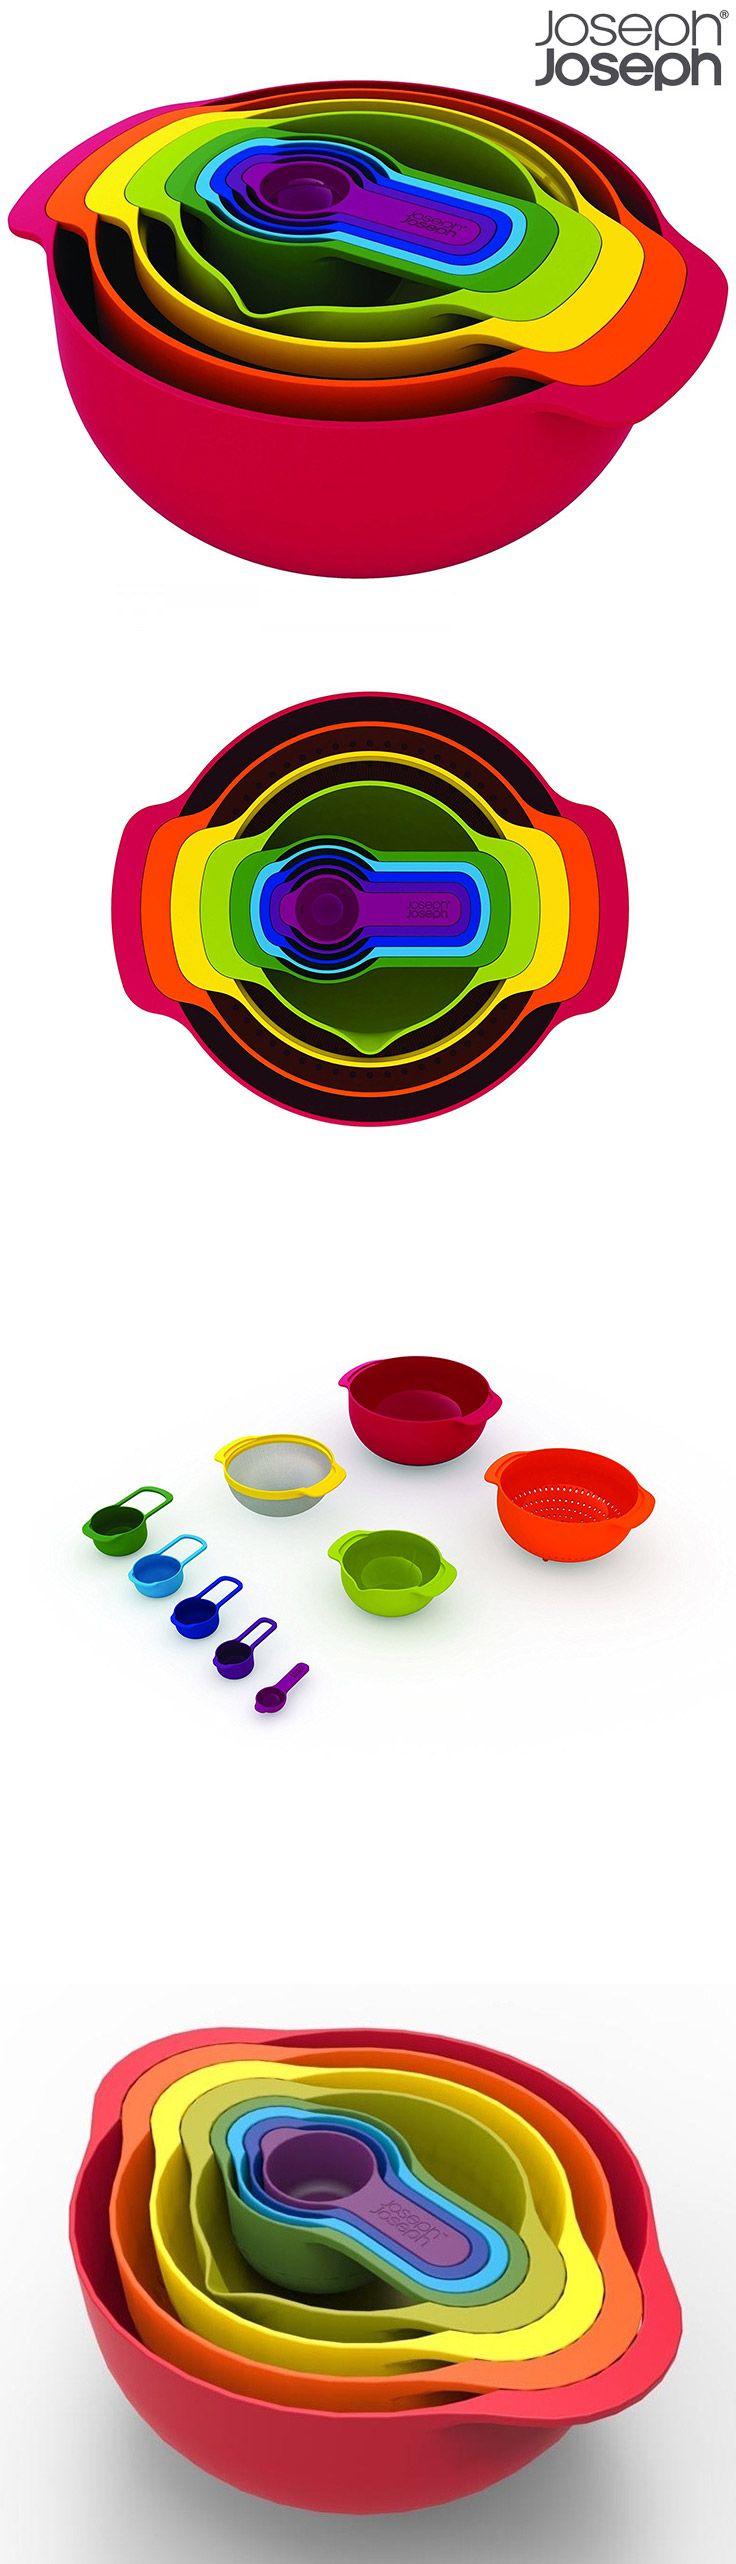 JOSEPH JOSEPH Nest™ 9 Plus Red - 9-ti dílná sada kompaktní kuchyňská sada  Bestseller od Joseph Joseph v nové barvě.  Sada obsahuje:  velkou míchací mísu s protiskluznou úpravou (4,5L), plastový cedník (3L), sítko s jemným nerezovým pletivem (1,65L), malou protiskluznou mísu s vnitřními odměrnými ryskami (0,5L), ednotlivé odměrky s dvojím značením (hrnek-ml): 1CUP-250ml, 1/2CUP-125ml, 1/3CUP-85ml, 1/4CUP-60ml, 1/6CUP-5ml,15ml.